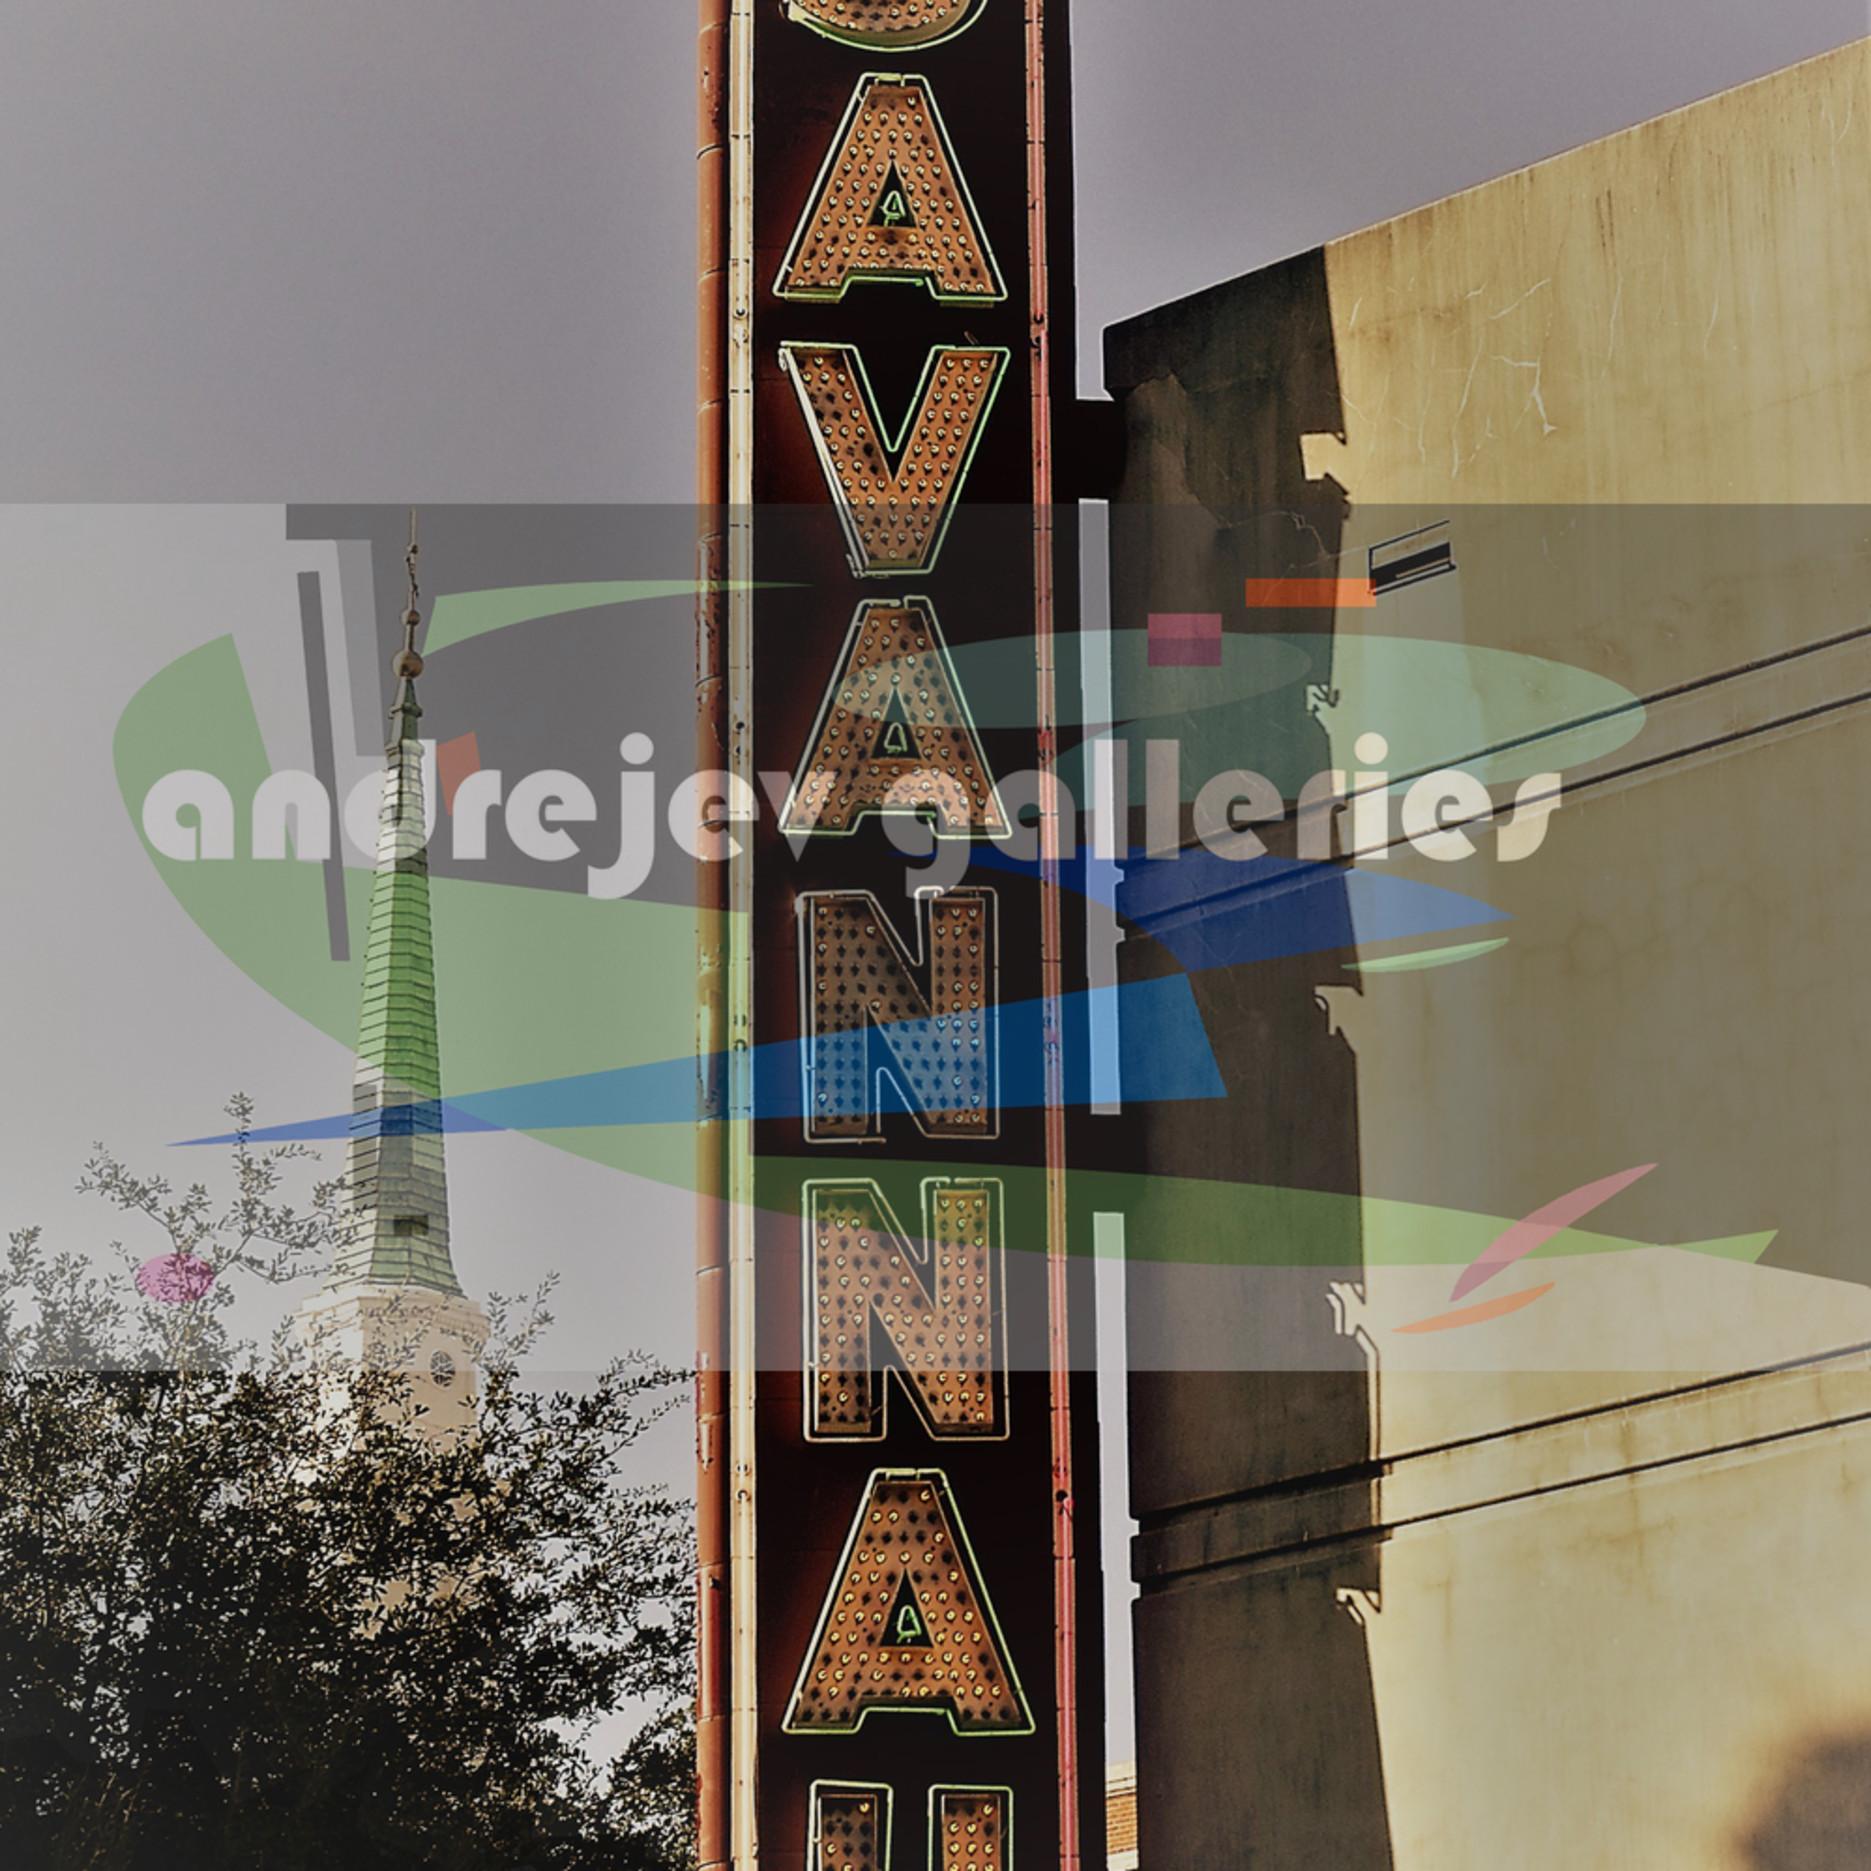 Savannah theater f2ohlu